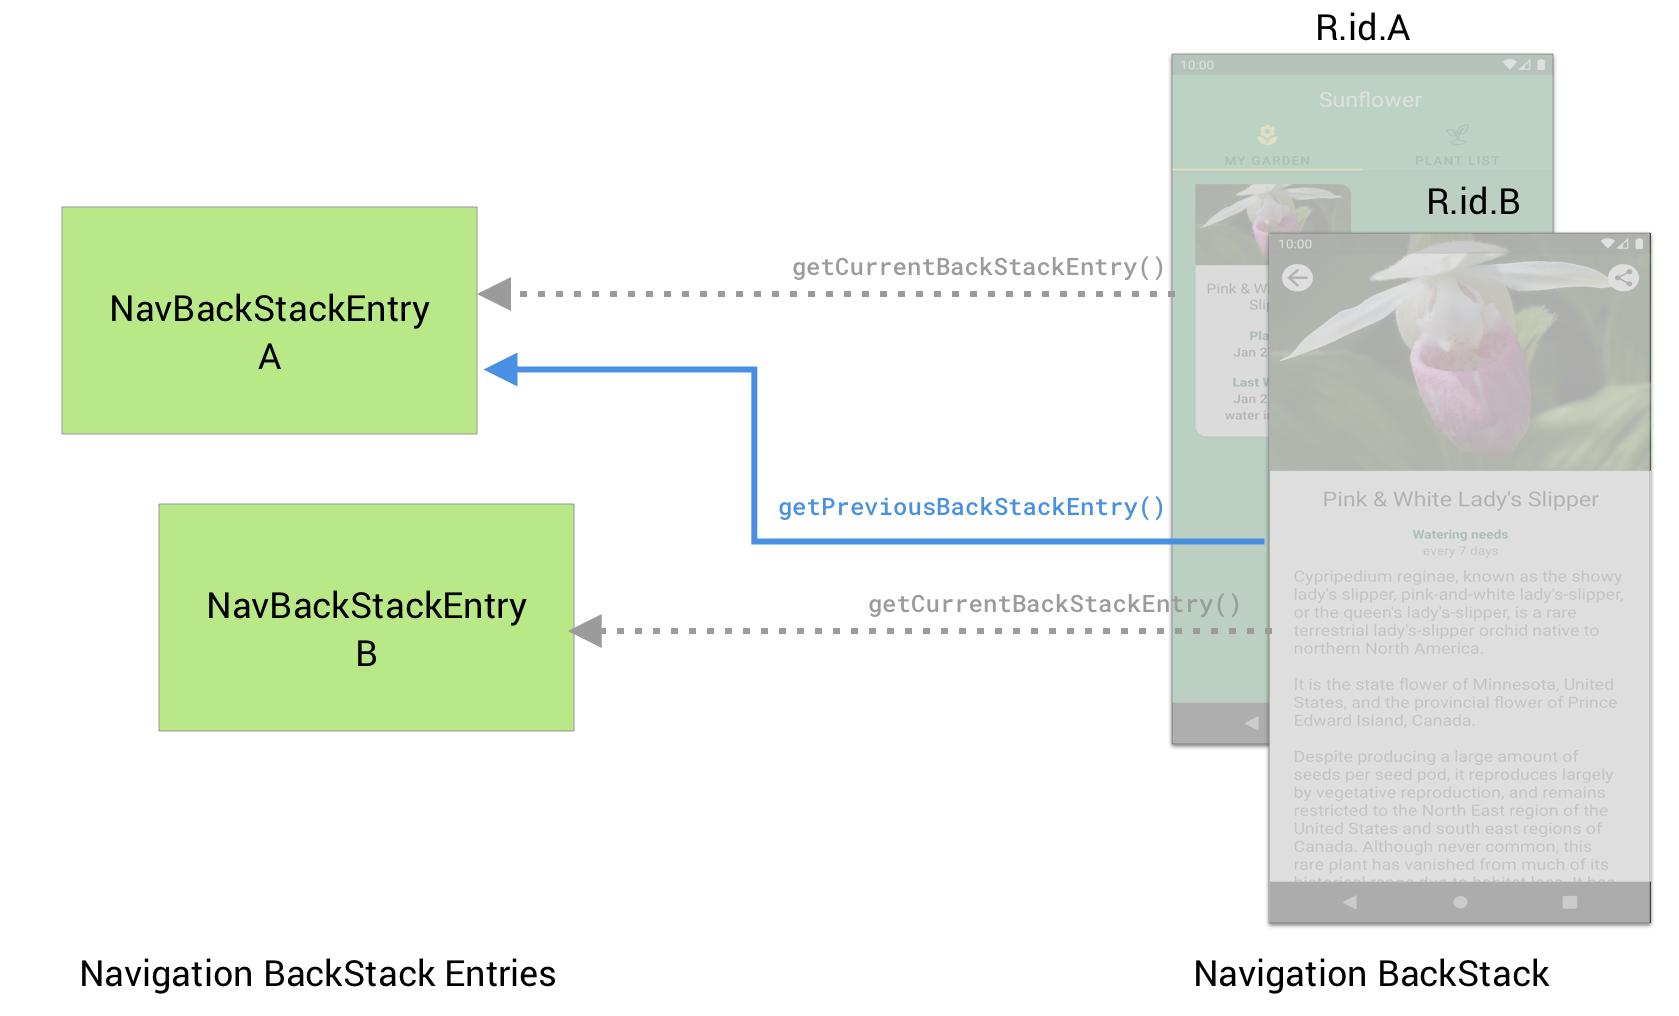 Destination B can use getPreviousBackStackEntry() to retrieve             the NavBackStackEntry for the previous destination A